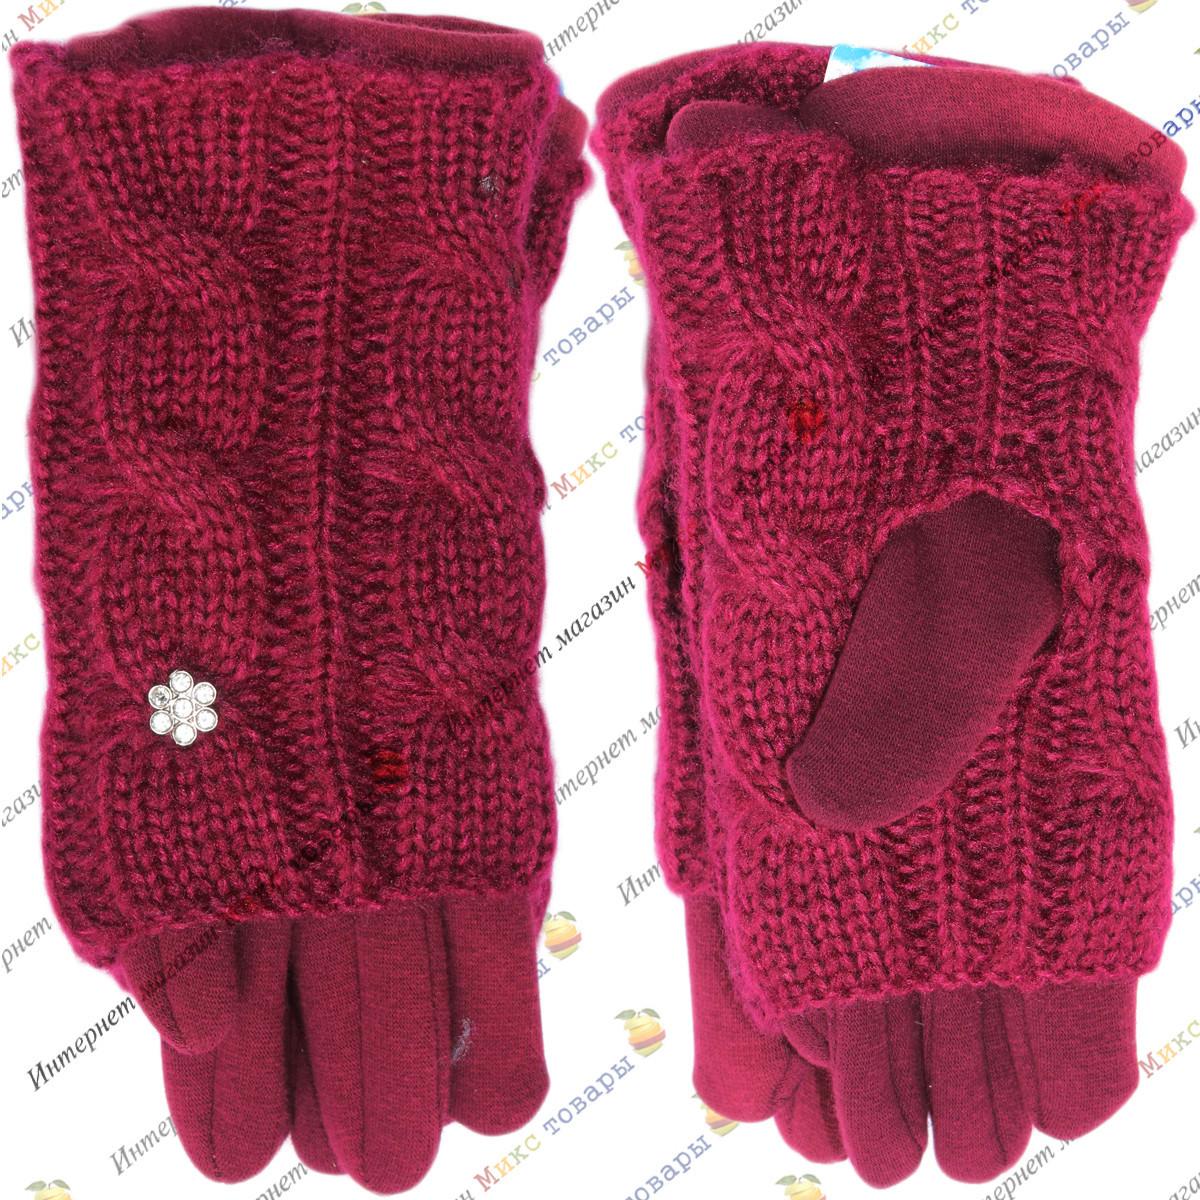 Бордовые женские перчатки Двойные